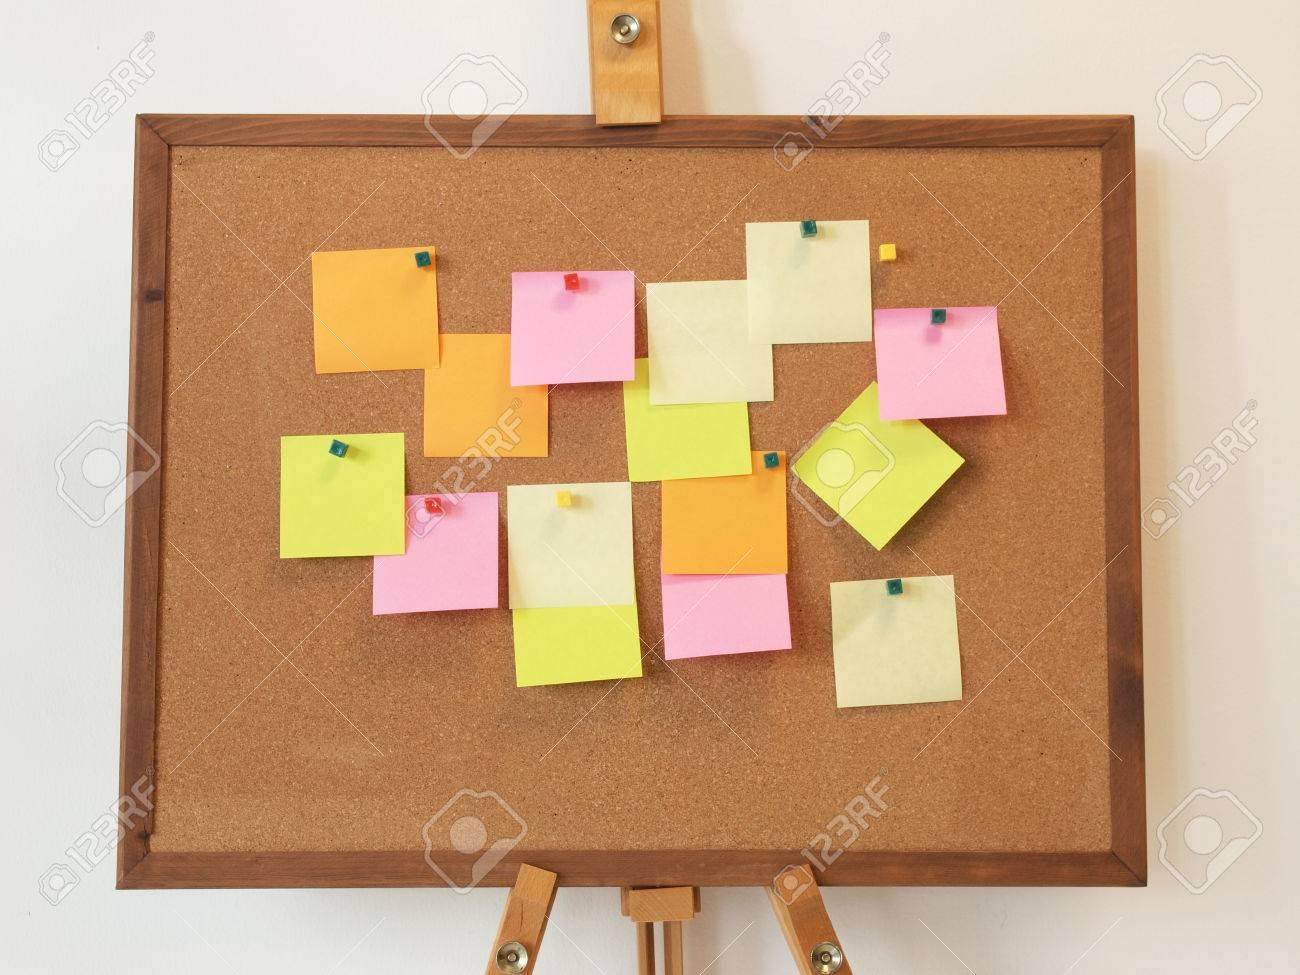 Wonderbaar Een To Do List Met Een Notitie Papier Op Kurk Prikbord. Zij Staan PY-19